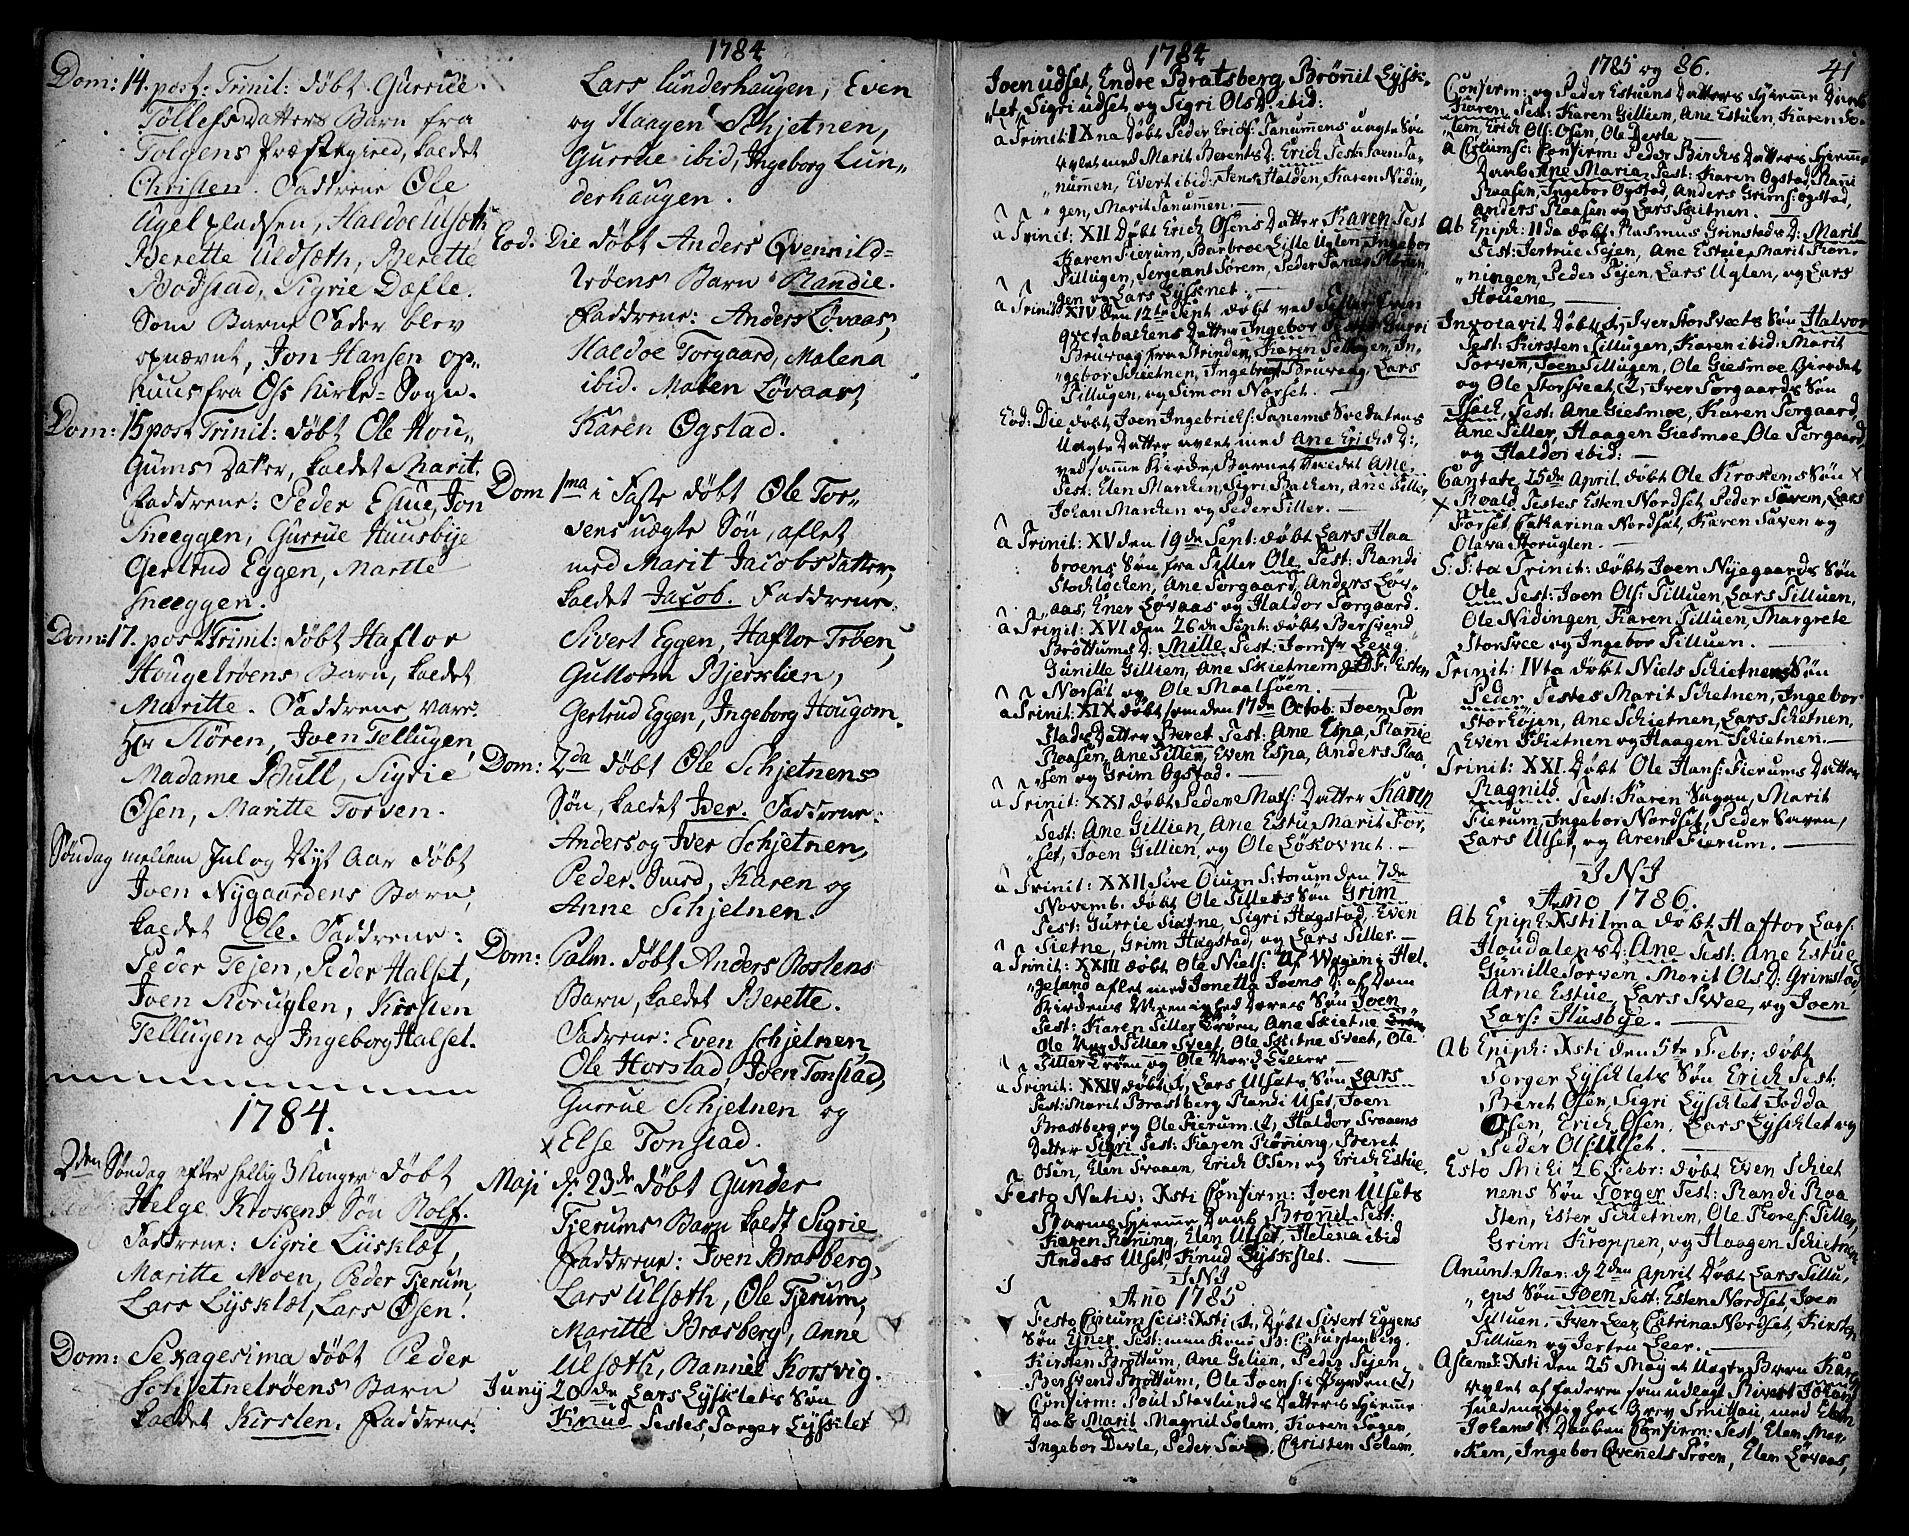 SAT, Ministerialprotokoller, klokkerbøker og fødselsregistre - Sør-Trøndelag, 618/L0438: Ministerialbok nr. 618A03, 1783-1815, s. 41